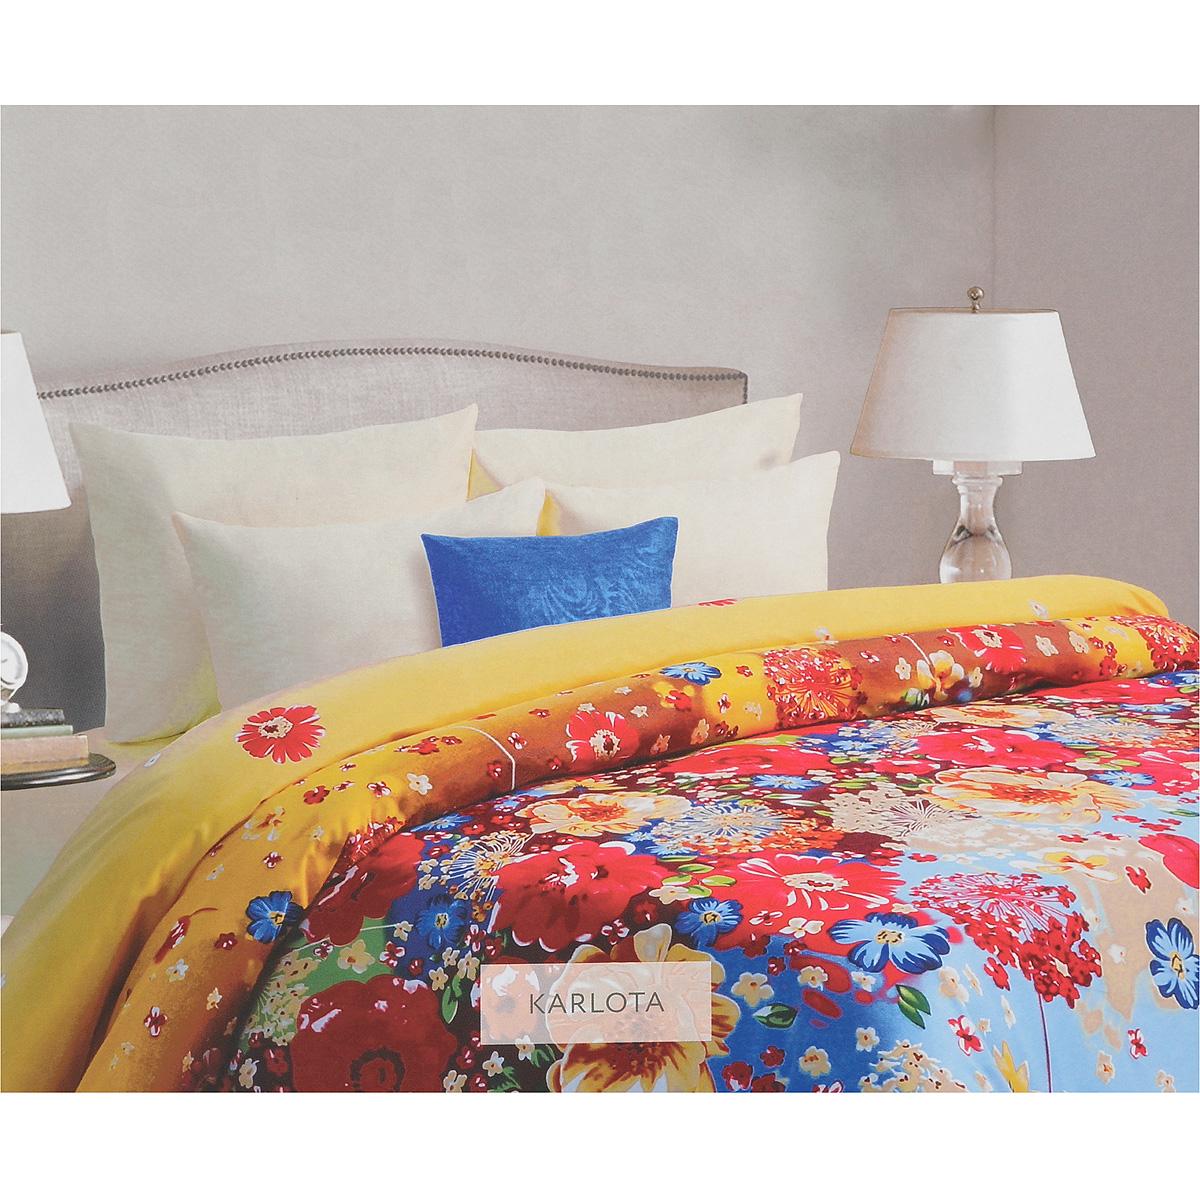 Комплект белья Mona Liza Karlota, 2-спальный, наволочки 70х70, цвет: желтый, голубой. 562203/5562203/5Комплект белья Mona Liza Karlota, выполненный из батиста (100% хлопок), состоит из пододеяльника, простыни и двух наволочек. Изделия оформлены красивым цветочным рисунком. Батист - тонкая, легкая натуральная ткань полотняного переплетения. Ткань с незначительной сминаемостью, хорошо сохраняющая цвет при стирке, легкая, с прекрасными гигиеническими показателями.В комплект входит: Пододеяльник - 1 шт. Размер: 175 см х 210 см. Простыня - 1 шт. Размер: 215 см х 240 см. Наволочка - 2 шт. Размер: 70 см х 70 см. Рекомендации по уходу: - Ручная и машинная стирка 40°С, - Гладить при температуре не более 150°С, - Не использовать хлорсодержащие средства, - Щадящая сушка, - Не подвергать химчистке.